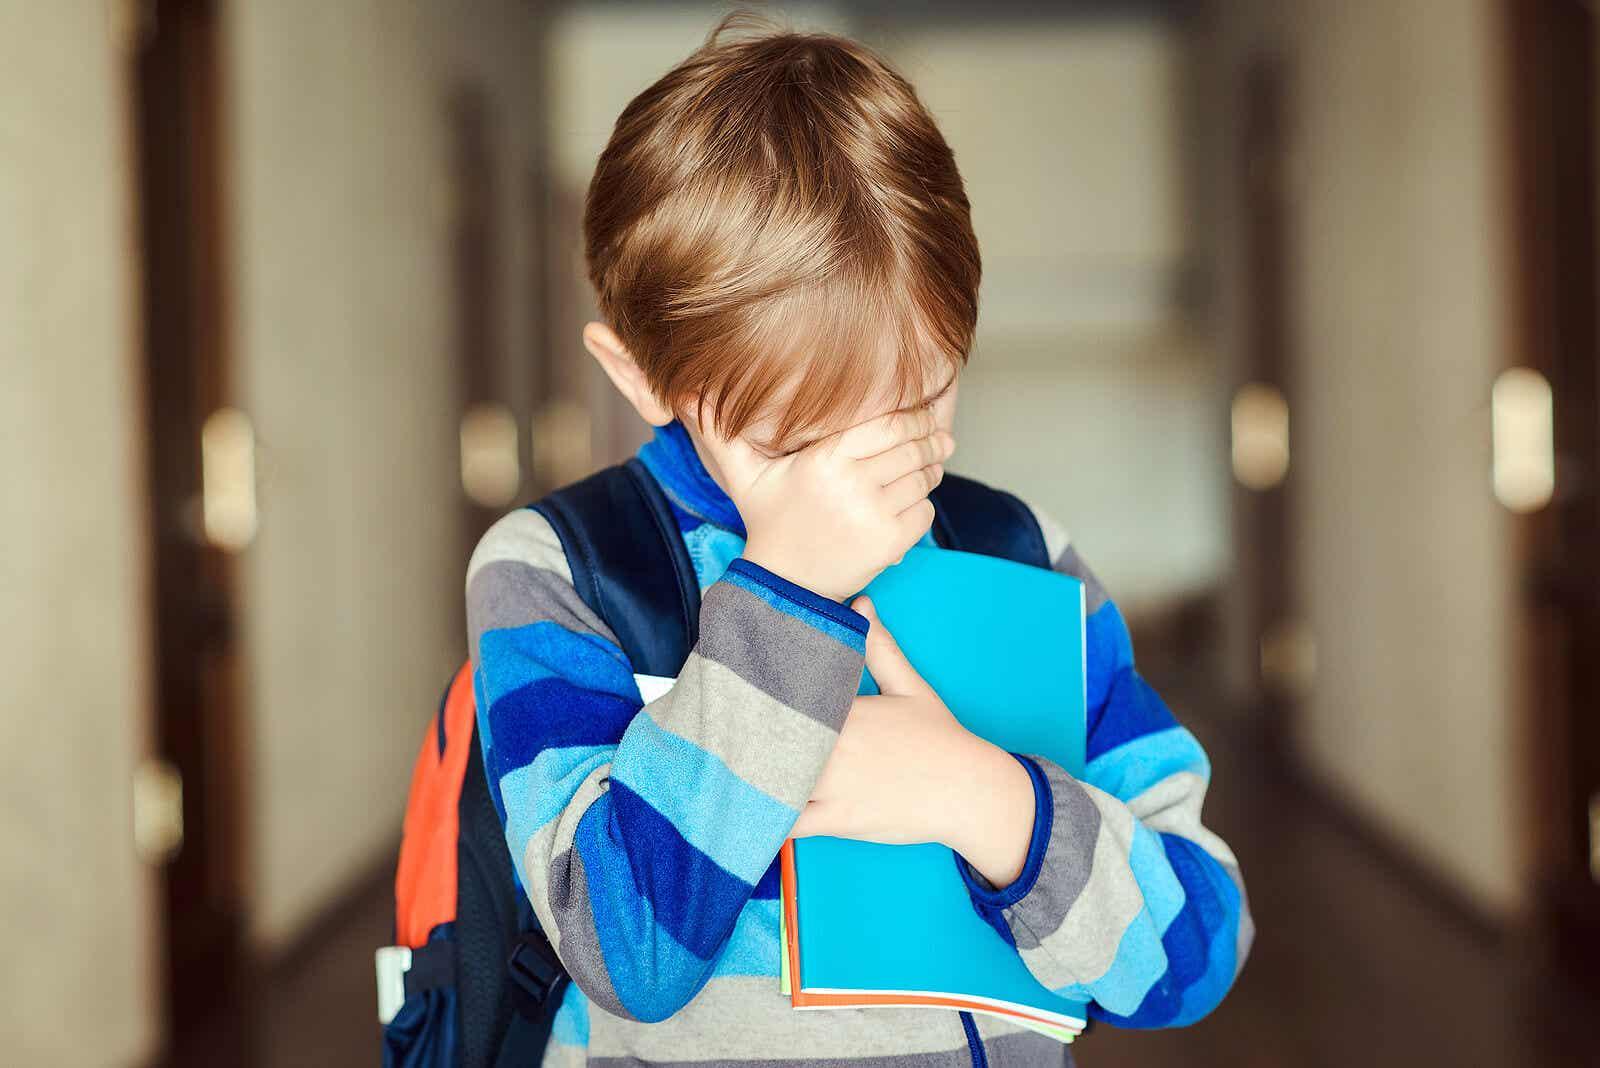 Et stresset barn